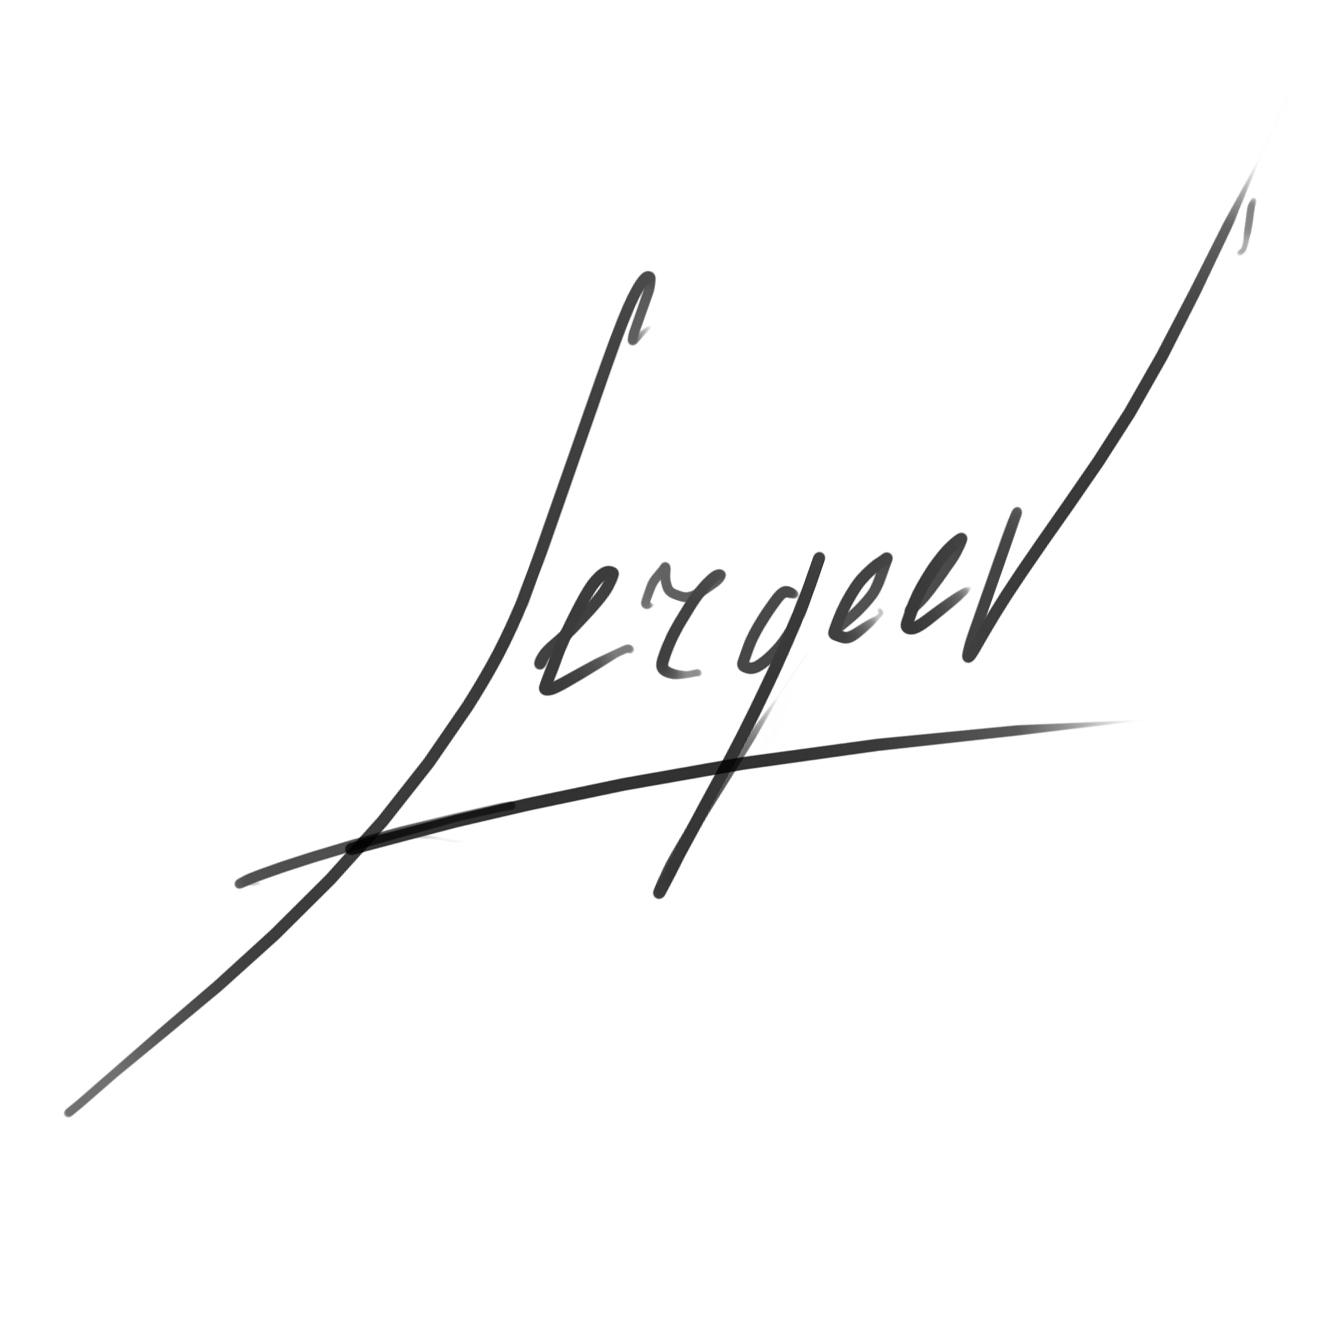 Maxim Sergeev's Signature